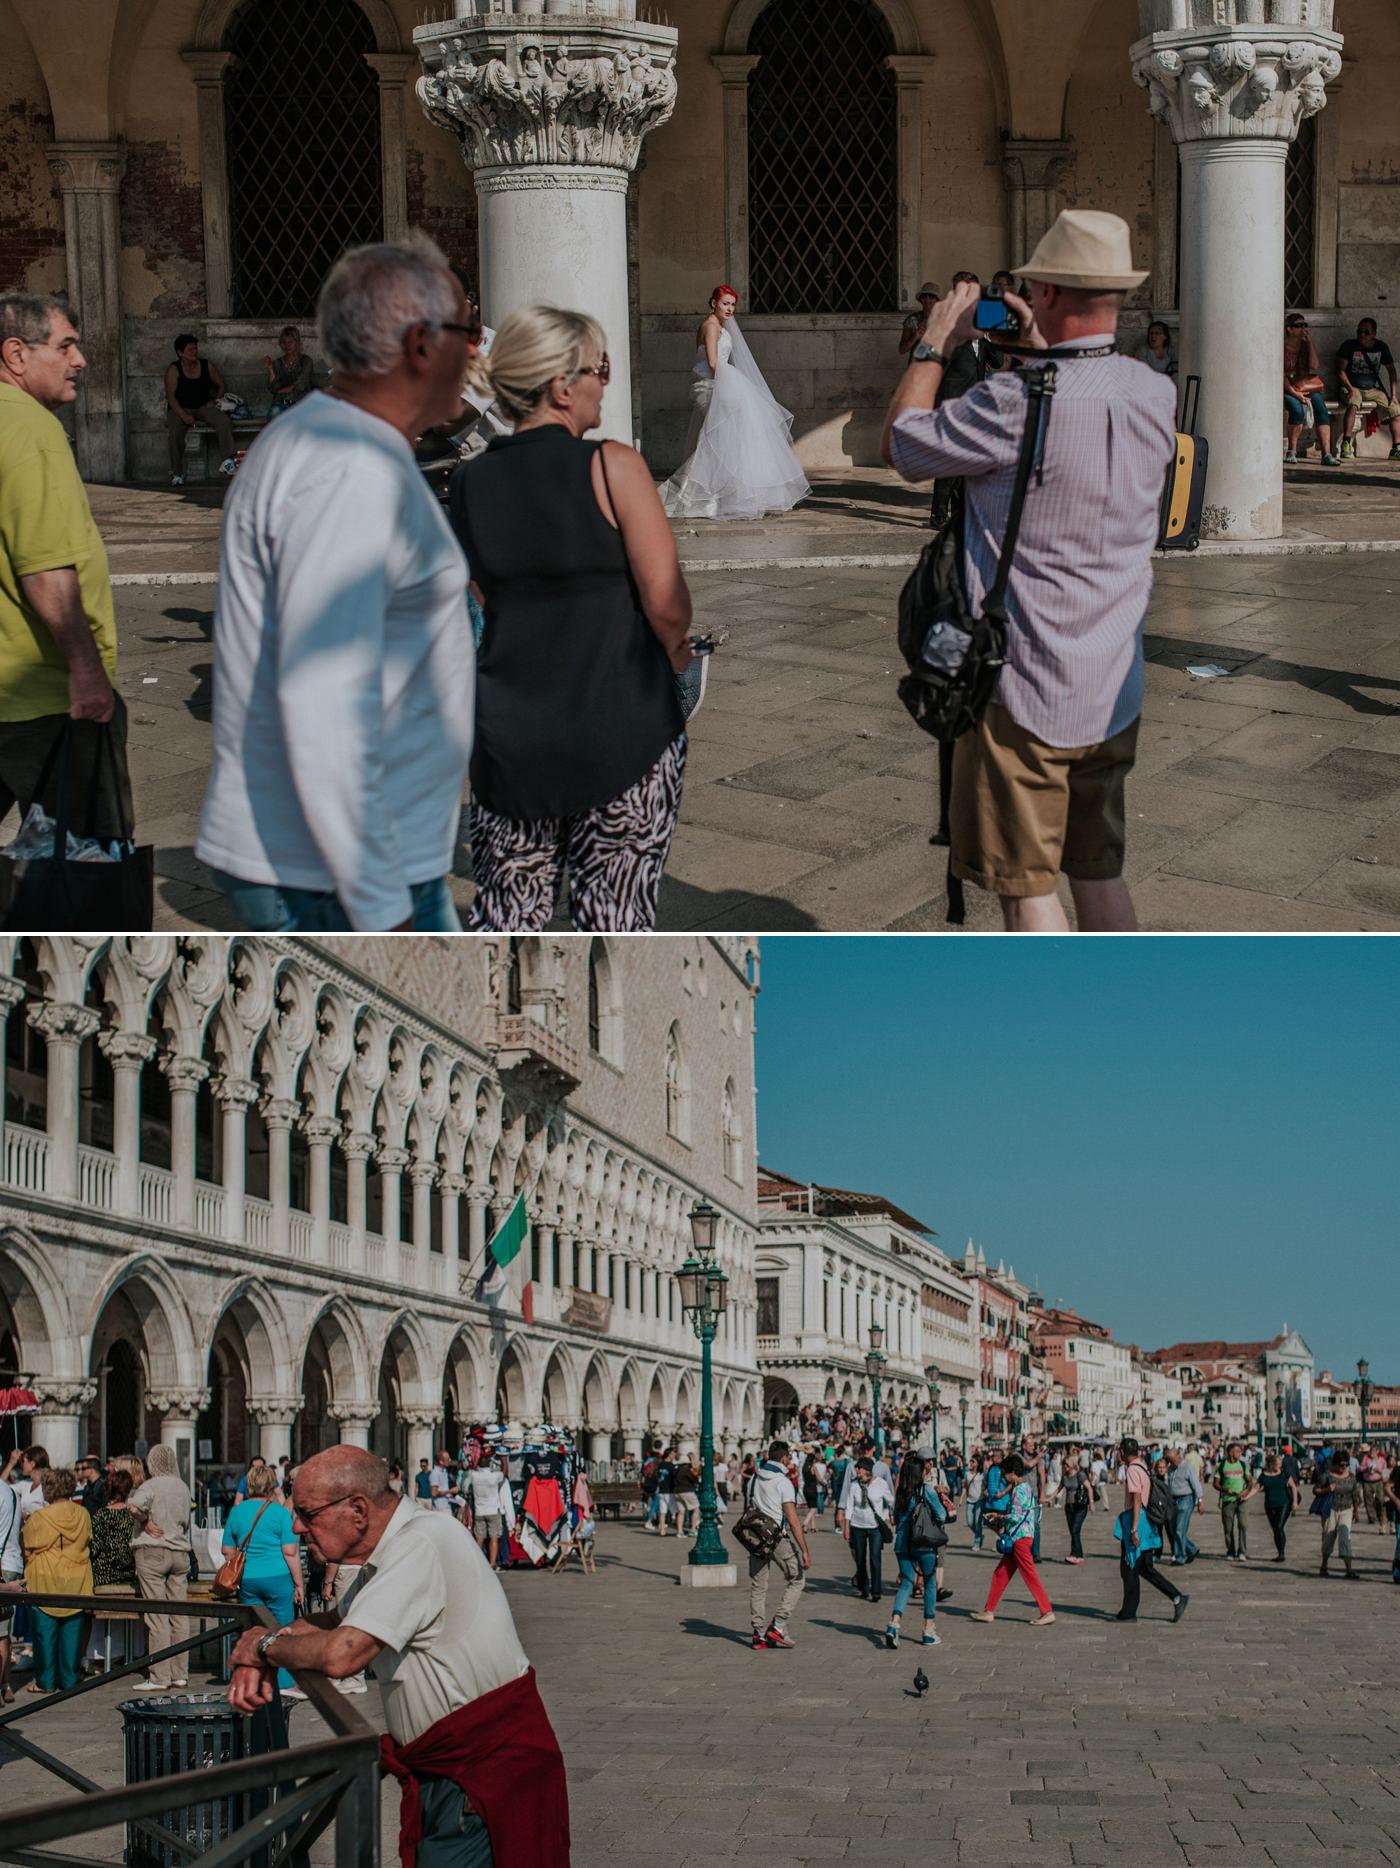 Venice_by_Piotr_Glodzik19